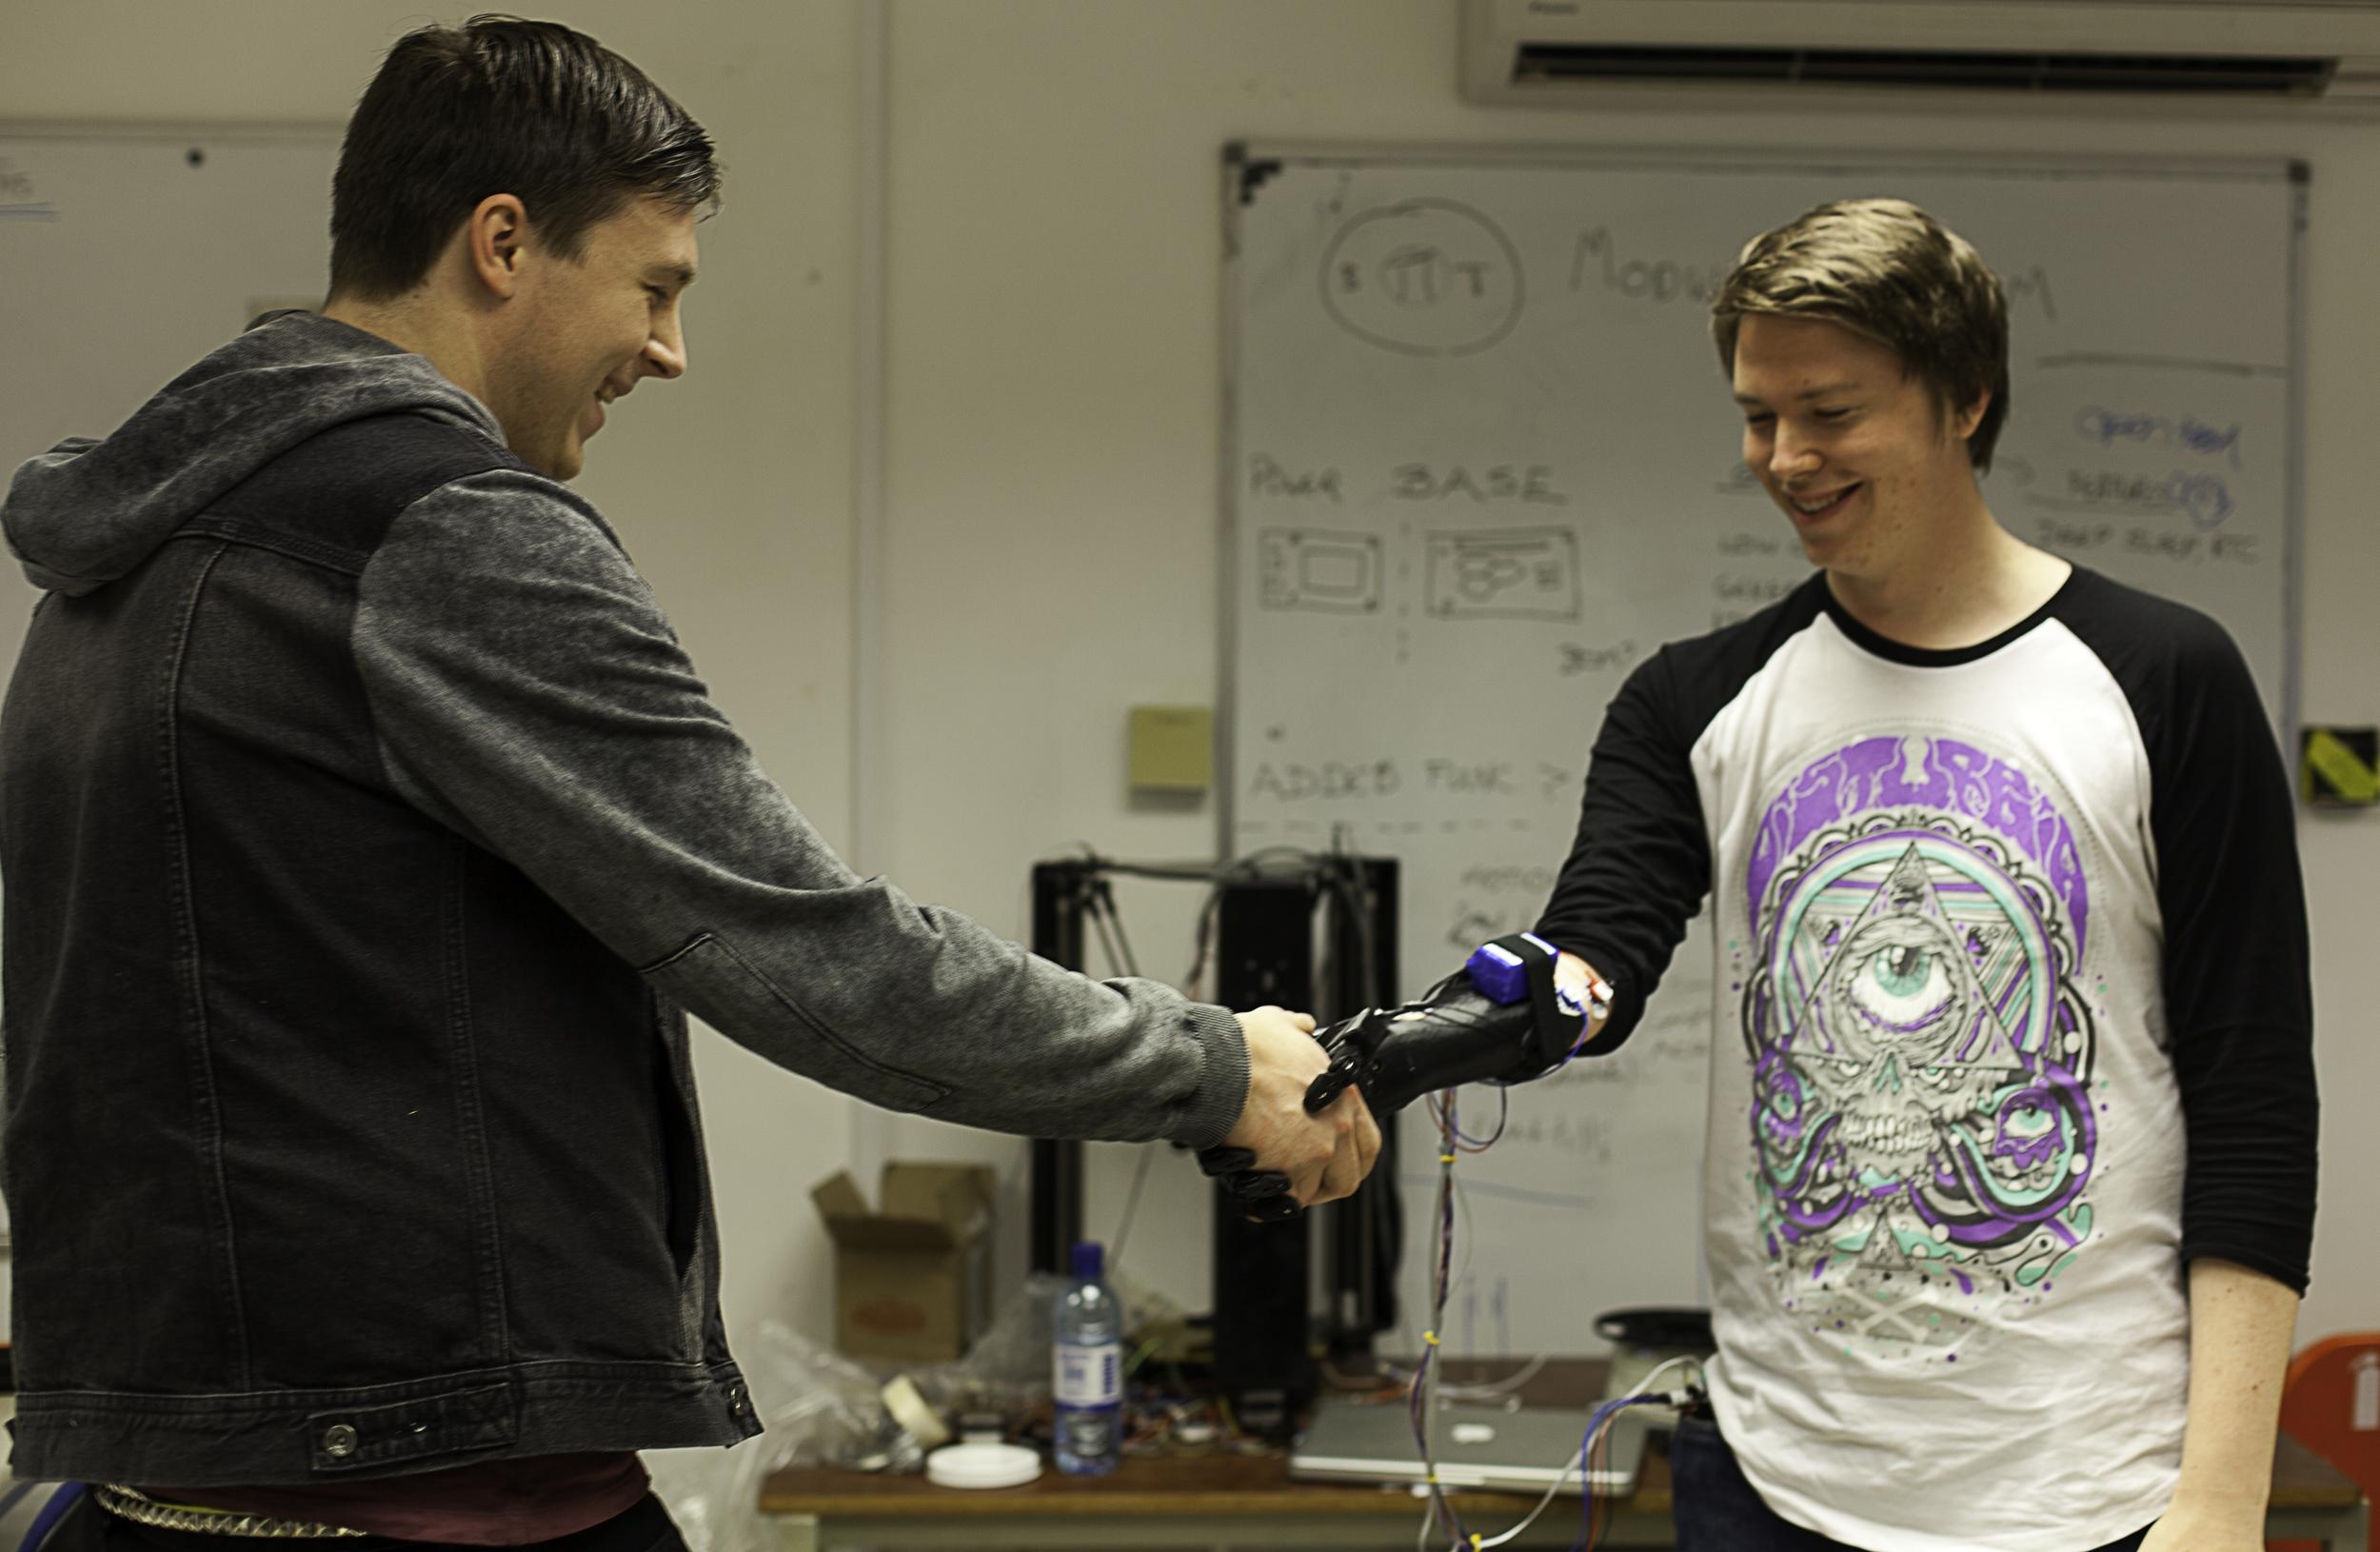 dan melville shaking hands with open bionics robotic hand